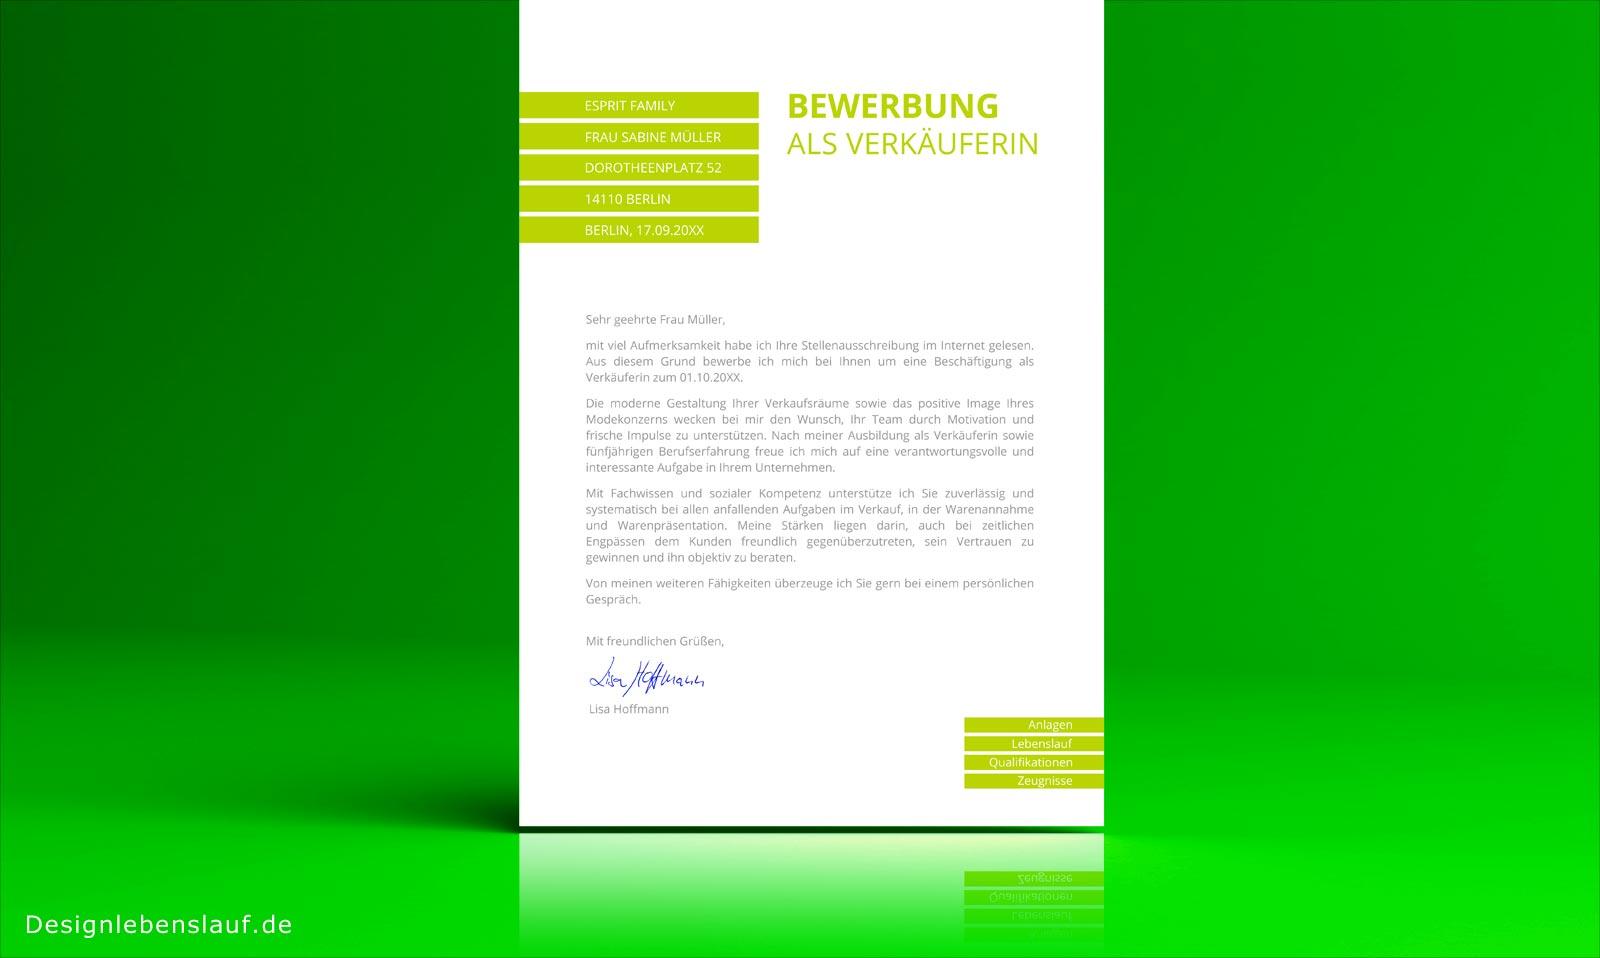 Bewerbung design mit anschreiben lebenslauf deckblatt Create a blueprint online